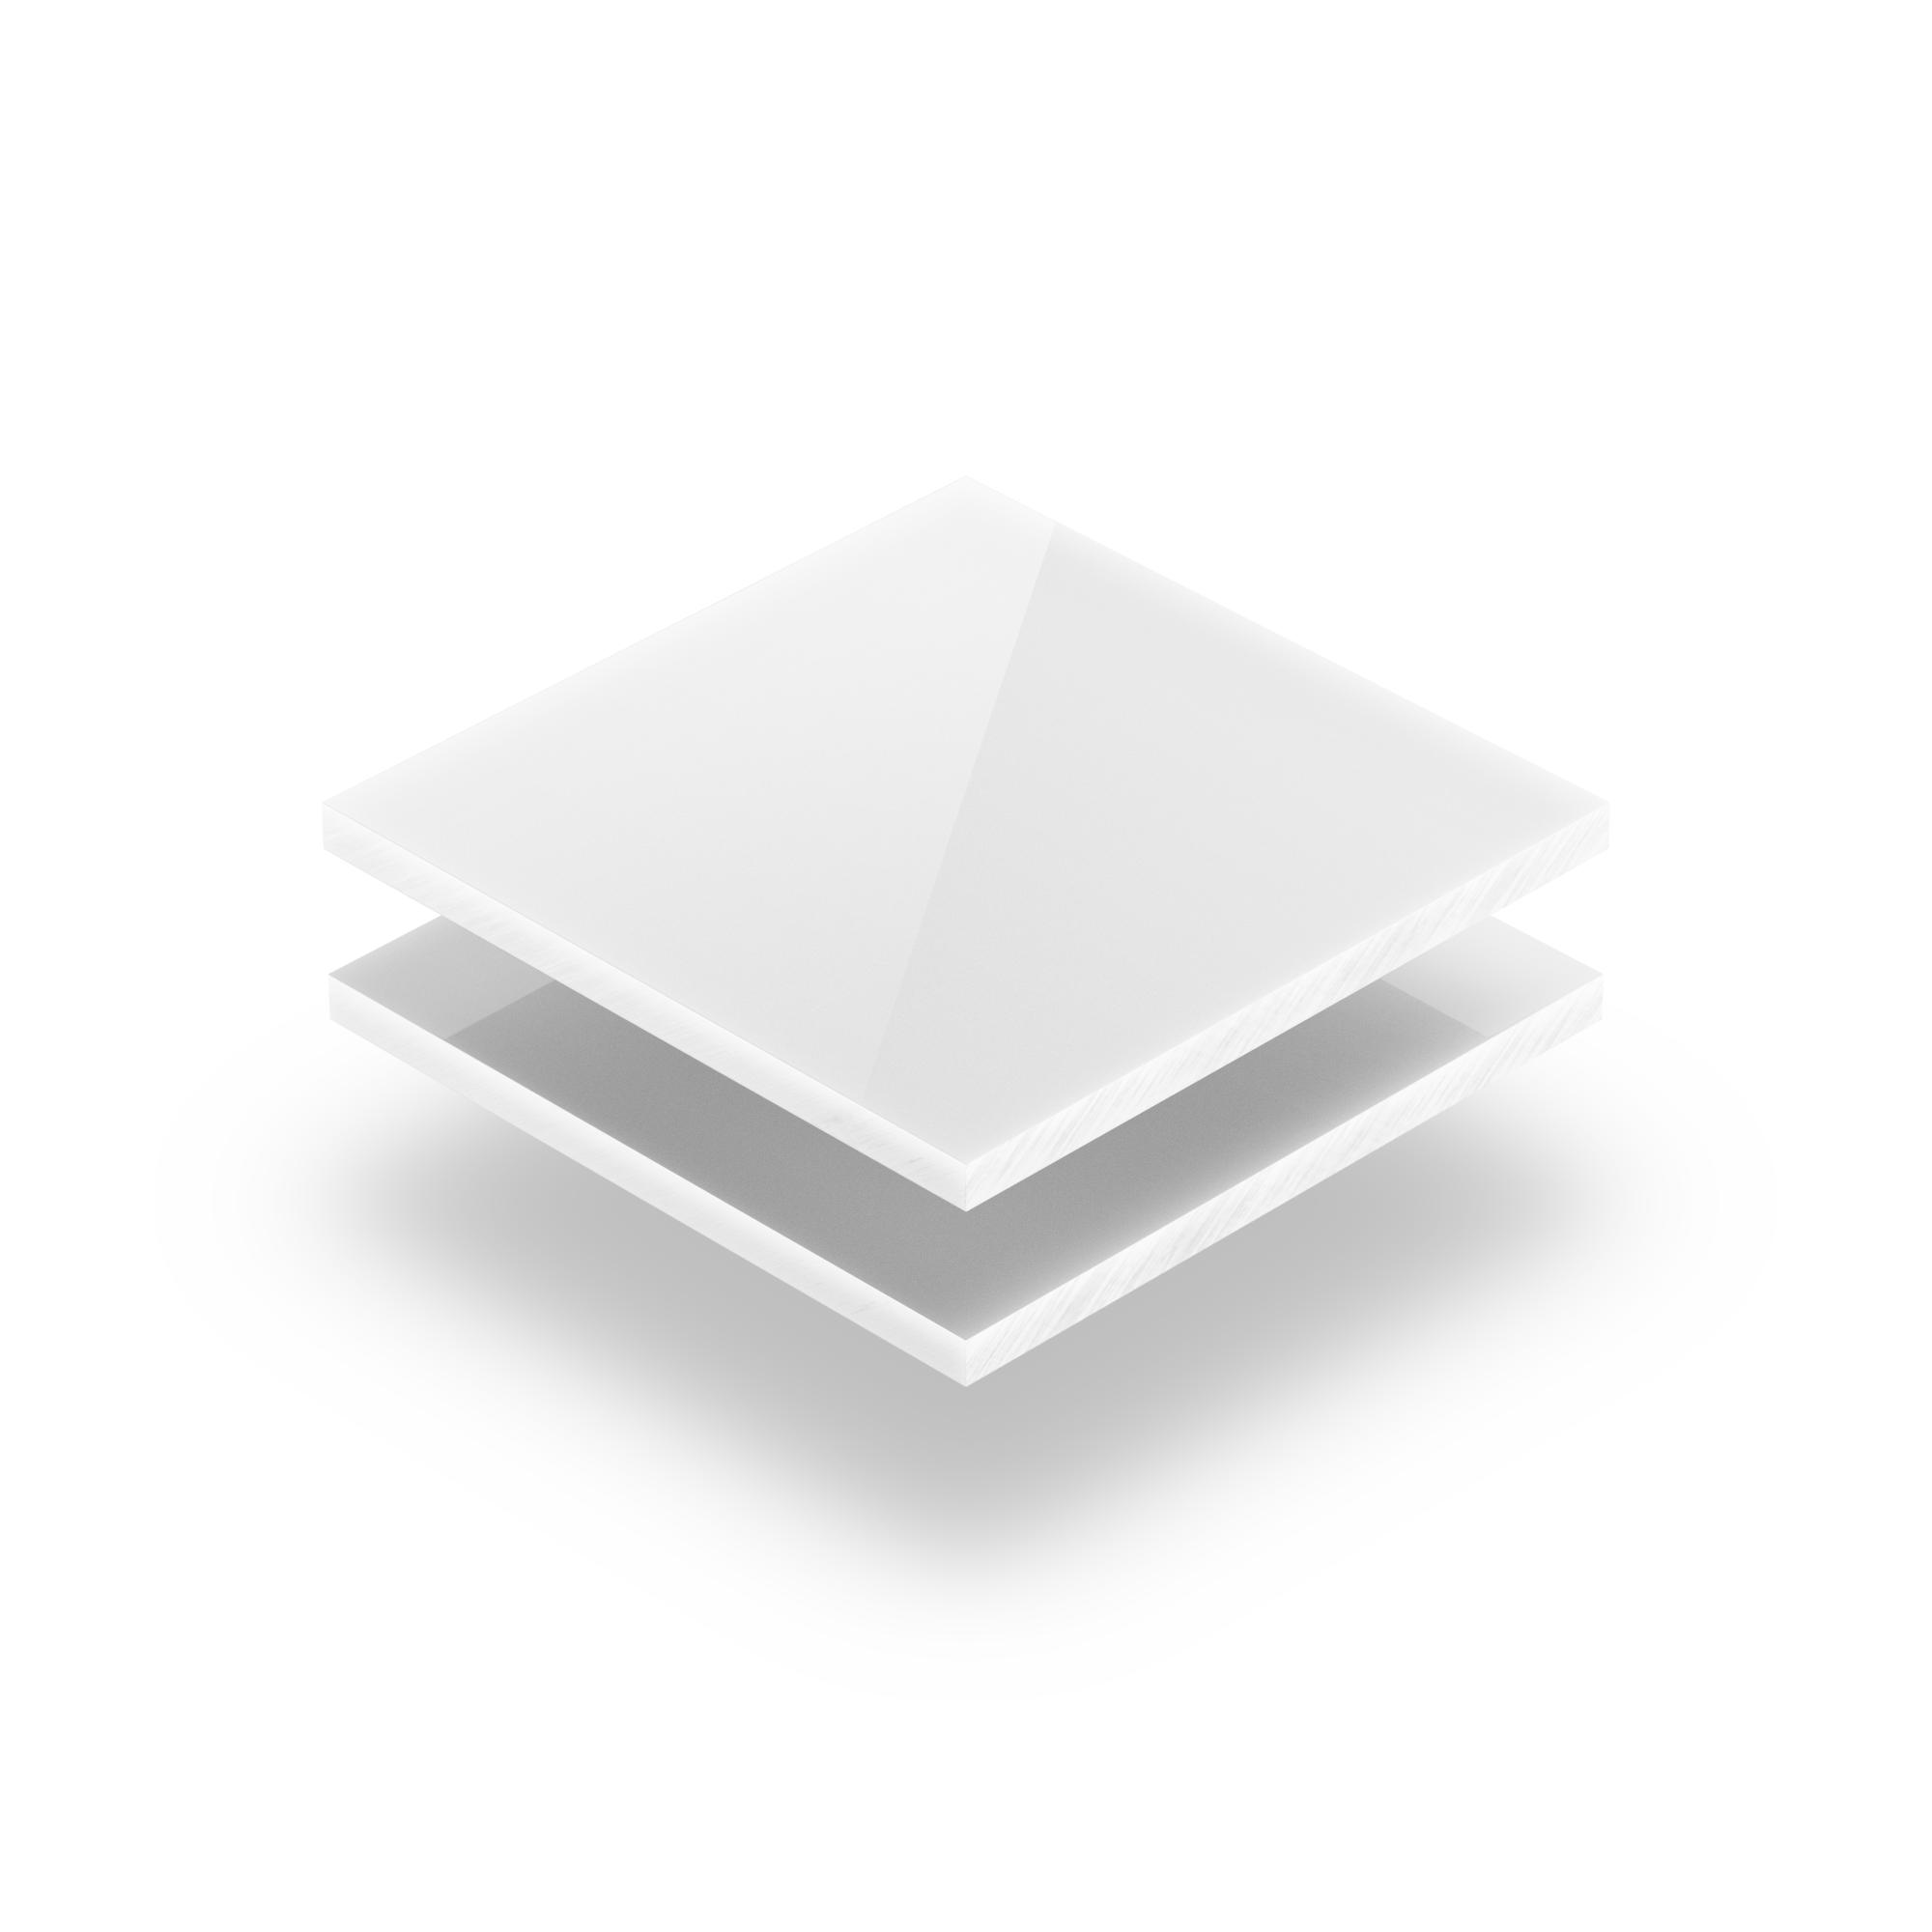 acrylglas platten wei 3 mm zuschnitt nach ma kaufen. Black Bedroom Furniture Sets. Home Design Ideas